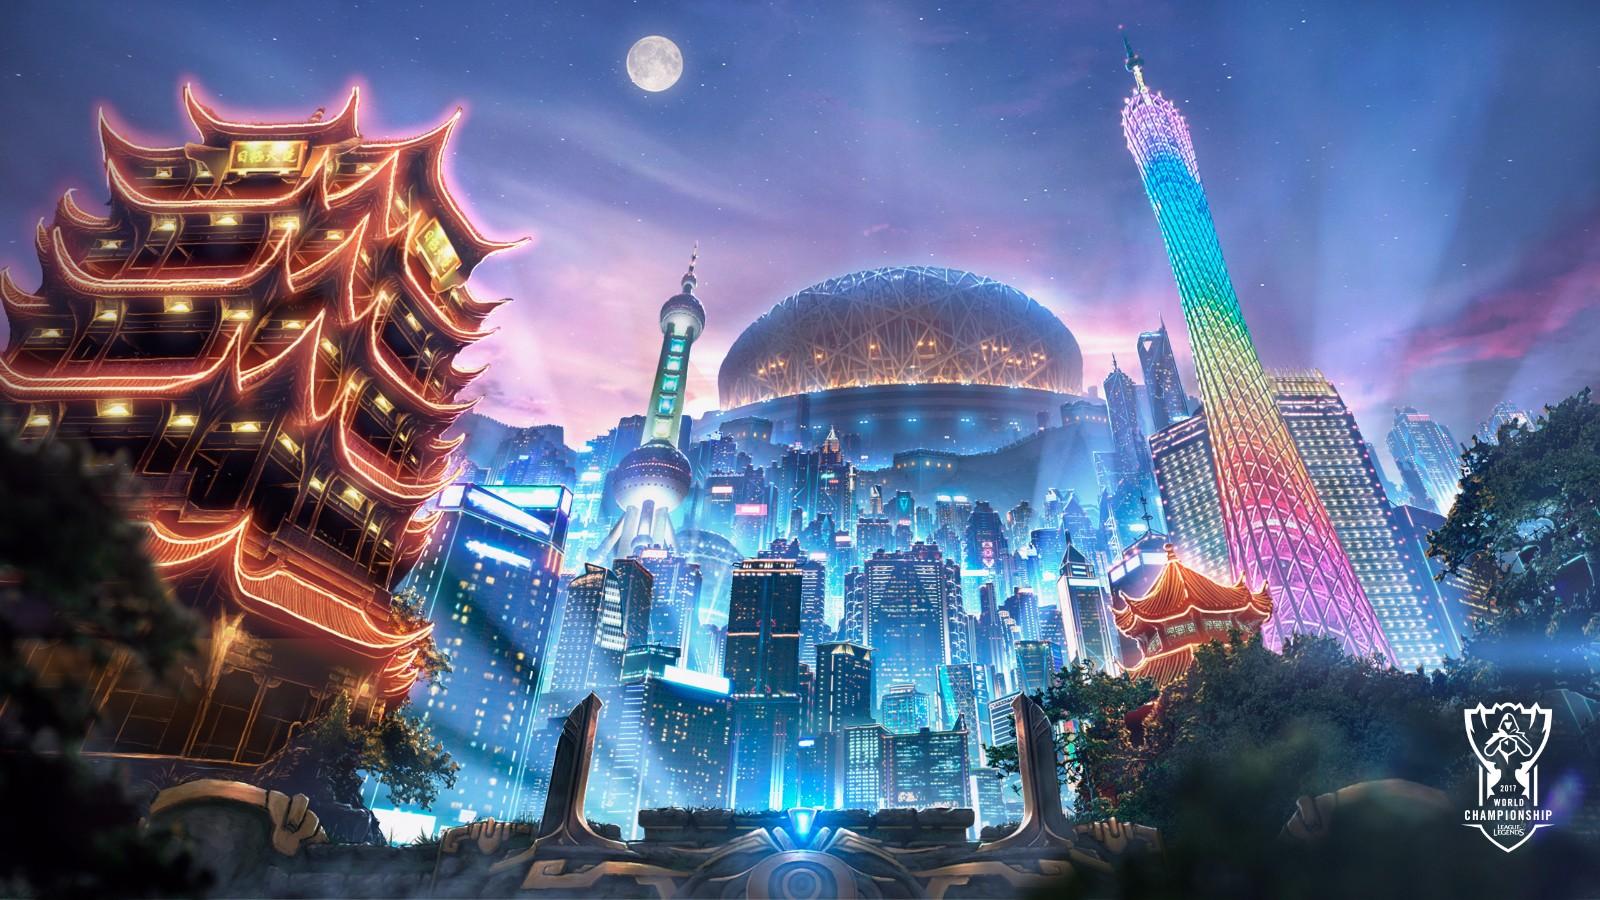 英雄联盟全球总决赛今年将首次在中国举办,这很可能是它在中国的关键一役